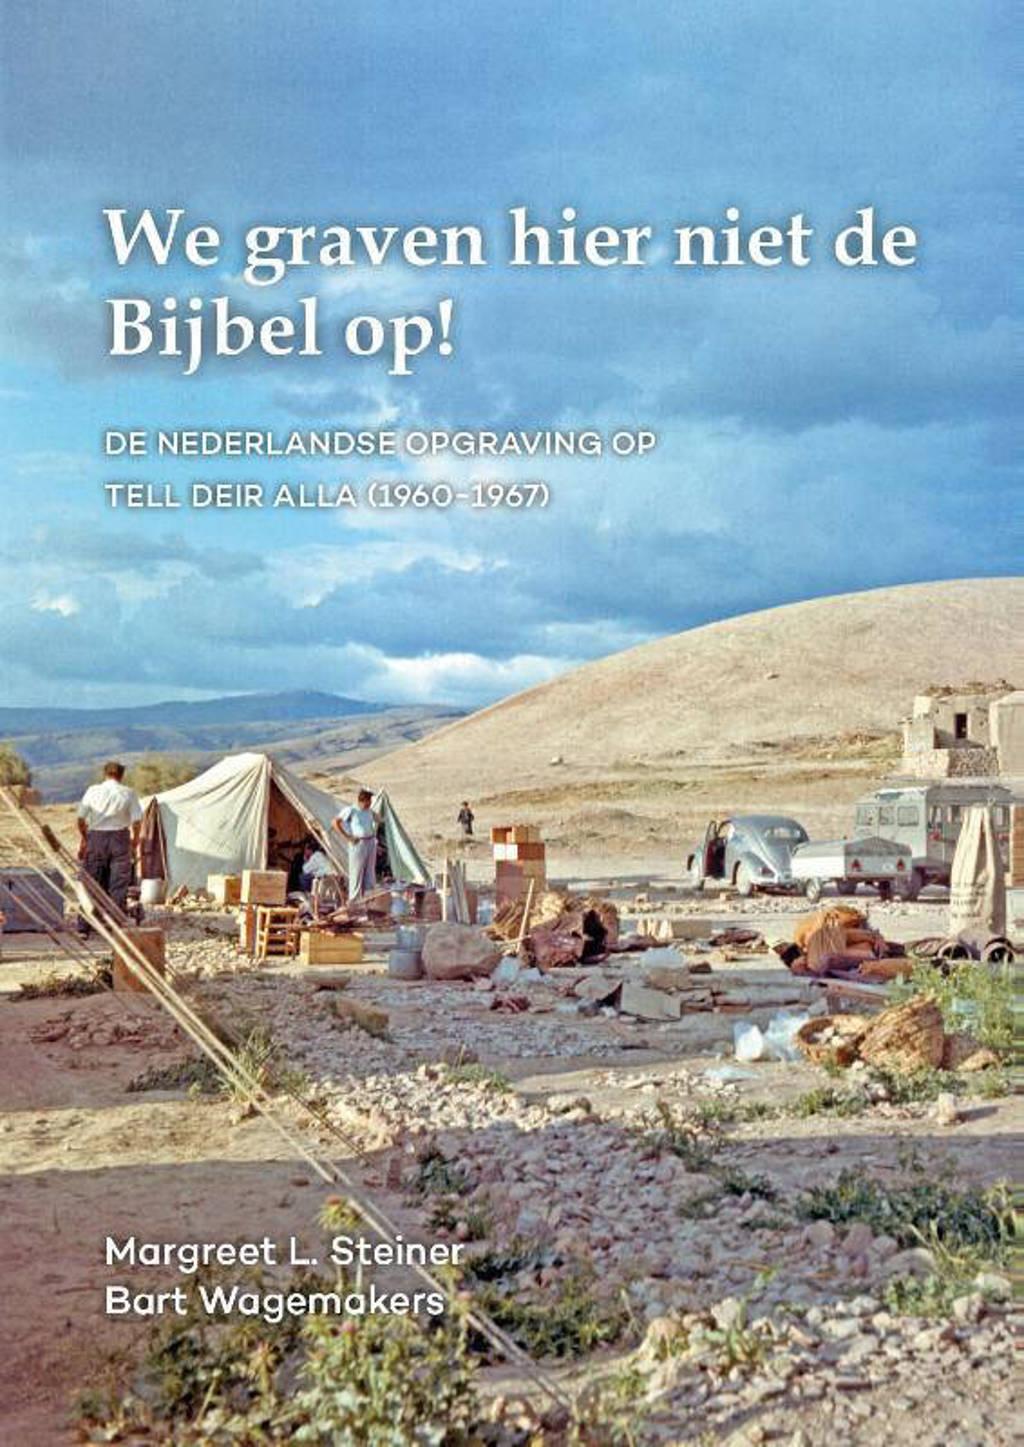 We graven hier niet de Bijbel op! - Margreet Steiner en Bart Wagemakers